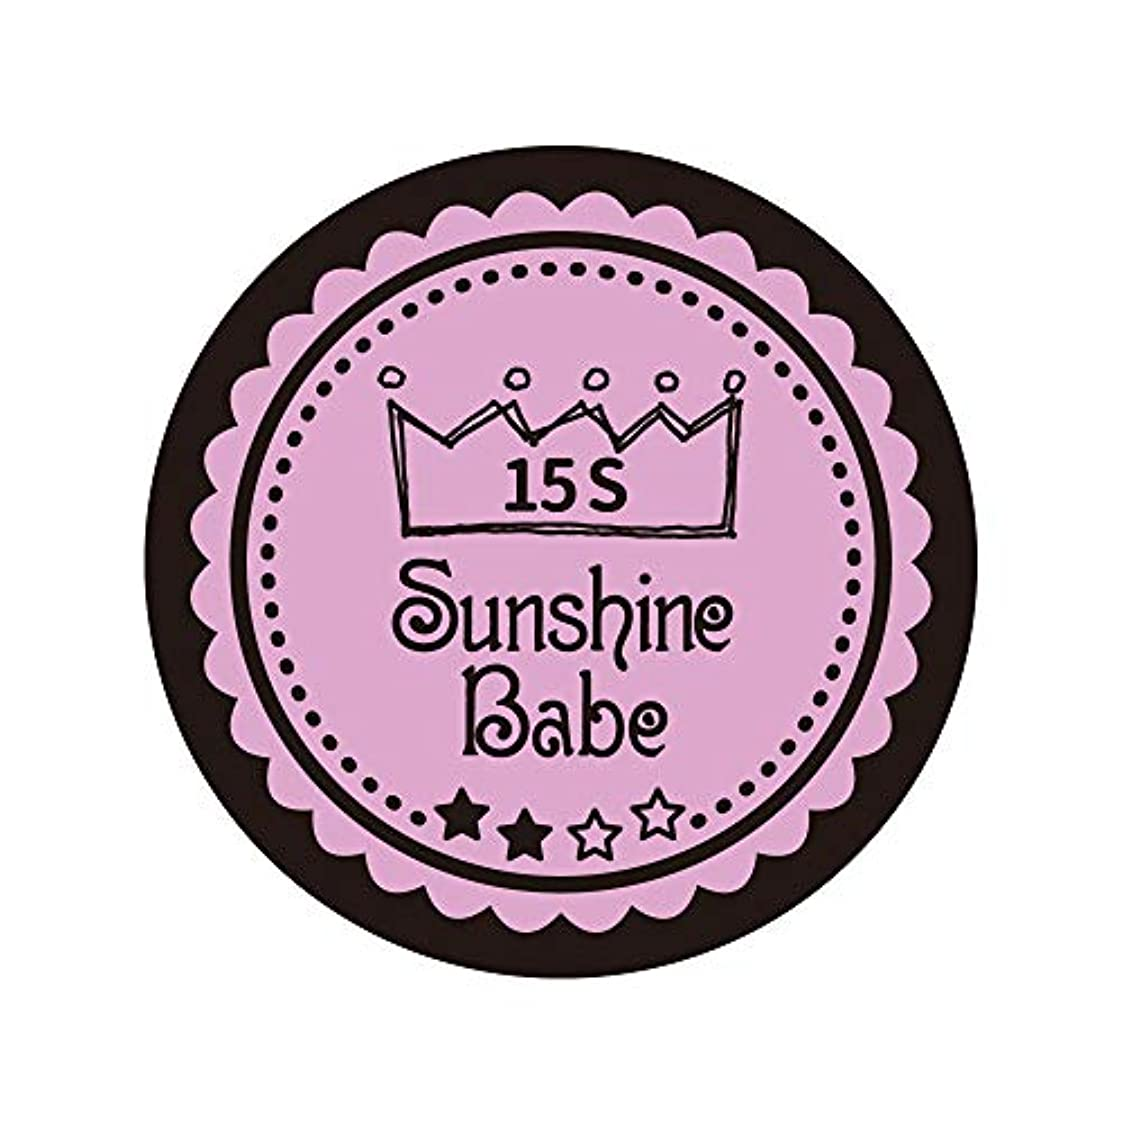 救いデコレーショングレードSunshine Babe カラージェル 15S ピンクラベンダー 2.7g UV/LED対応